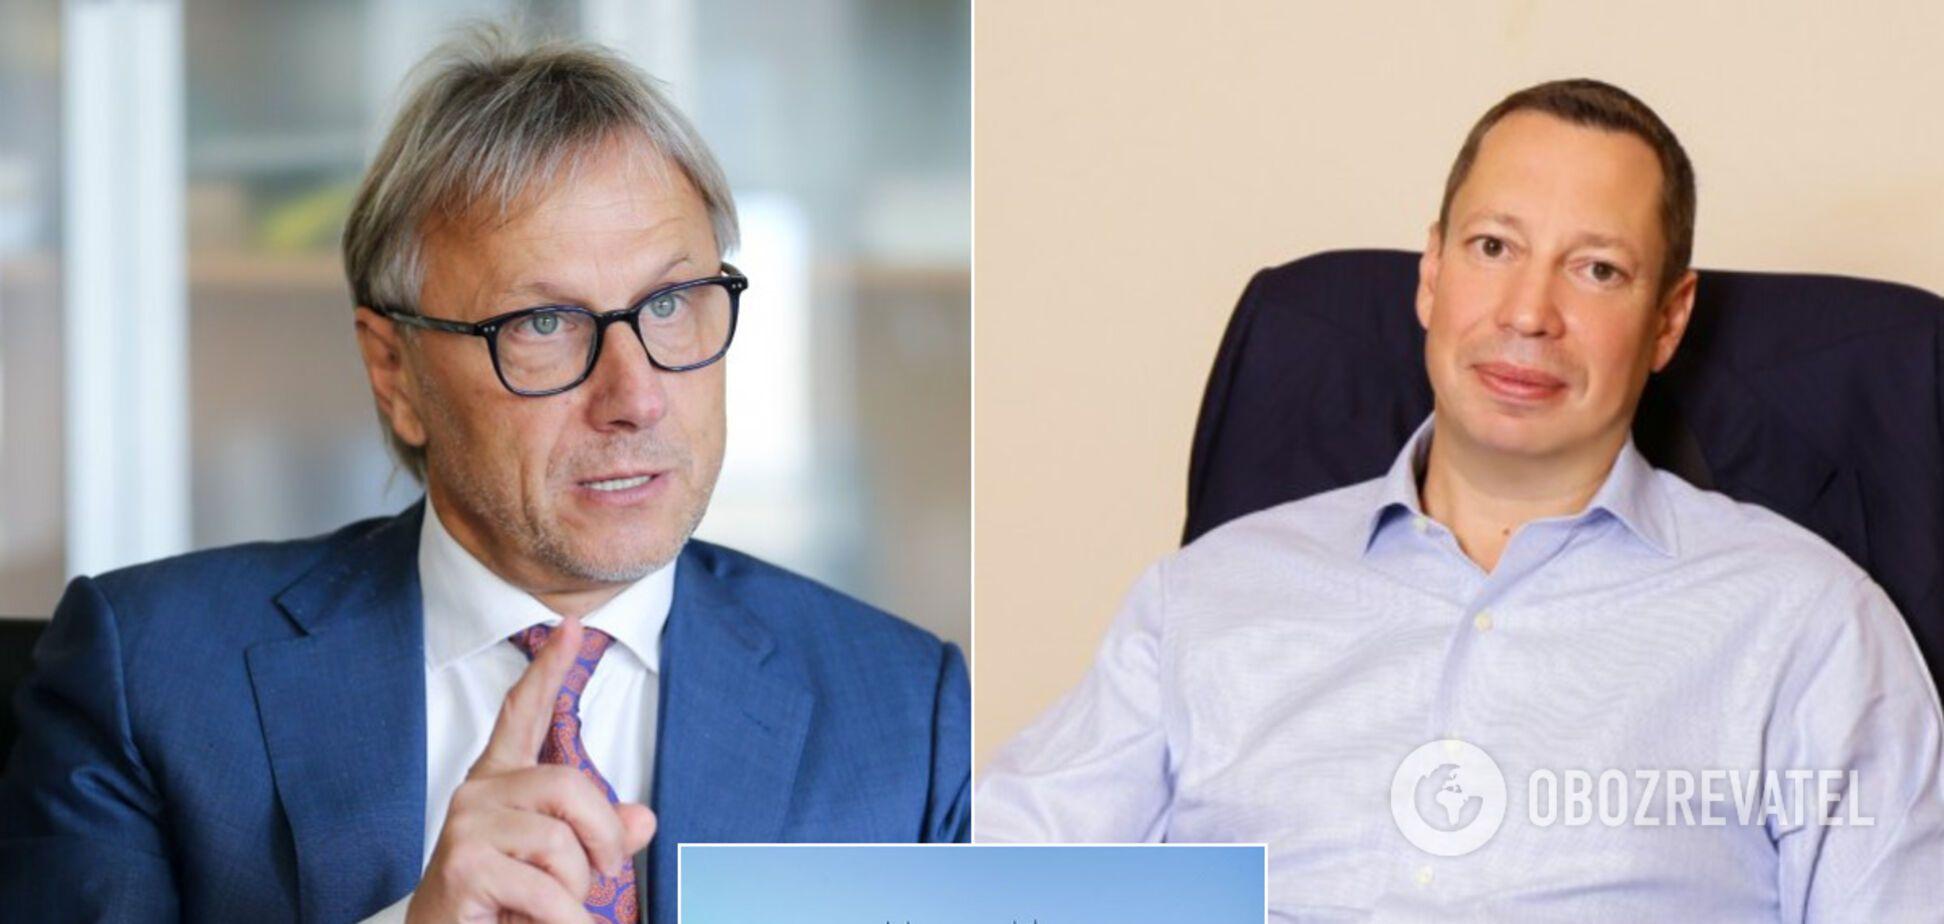 В Украине готовятся заменить главу НБУ: что известно о кандидатах